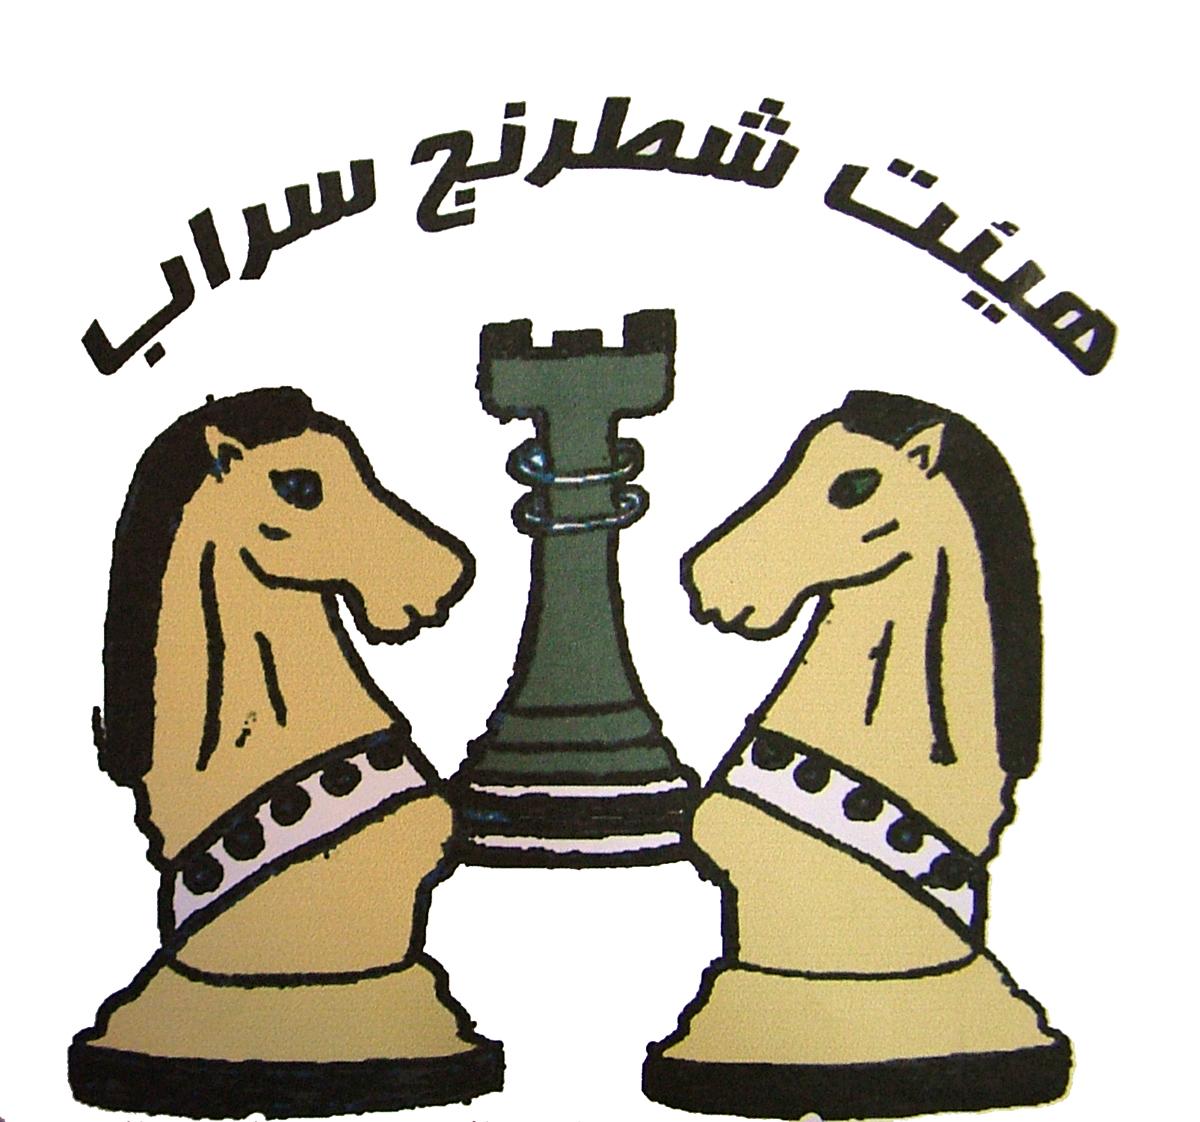 فیلم مسابقات برگزار شده در شطرنج سراب